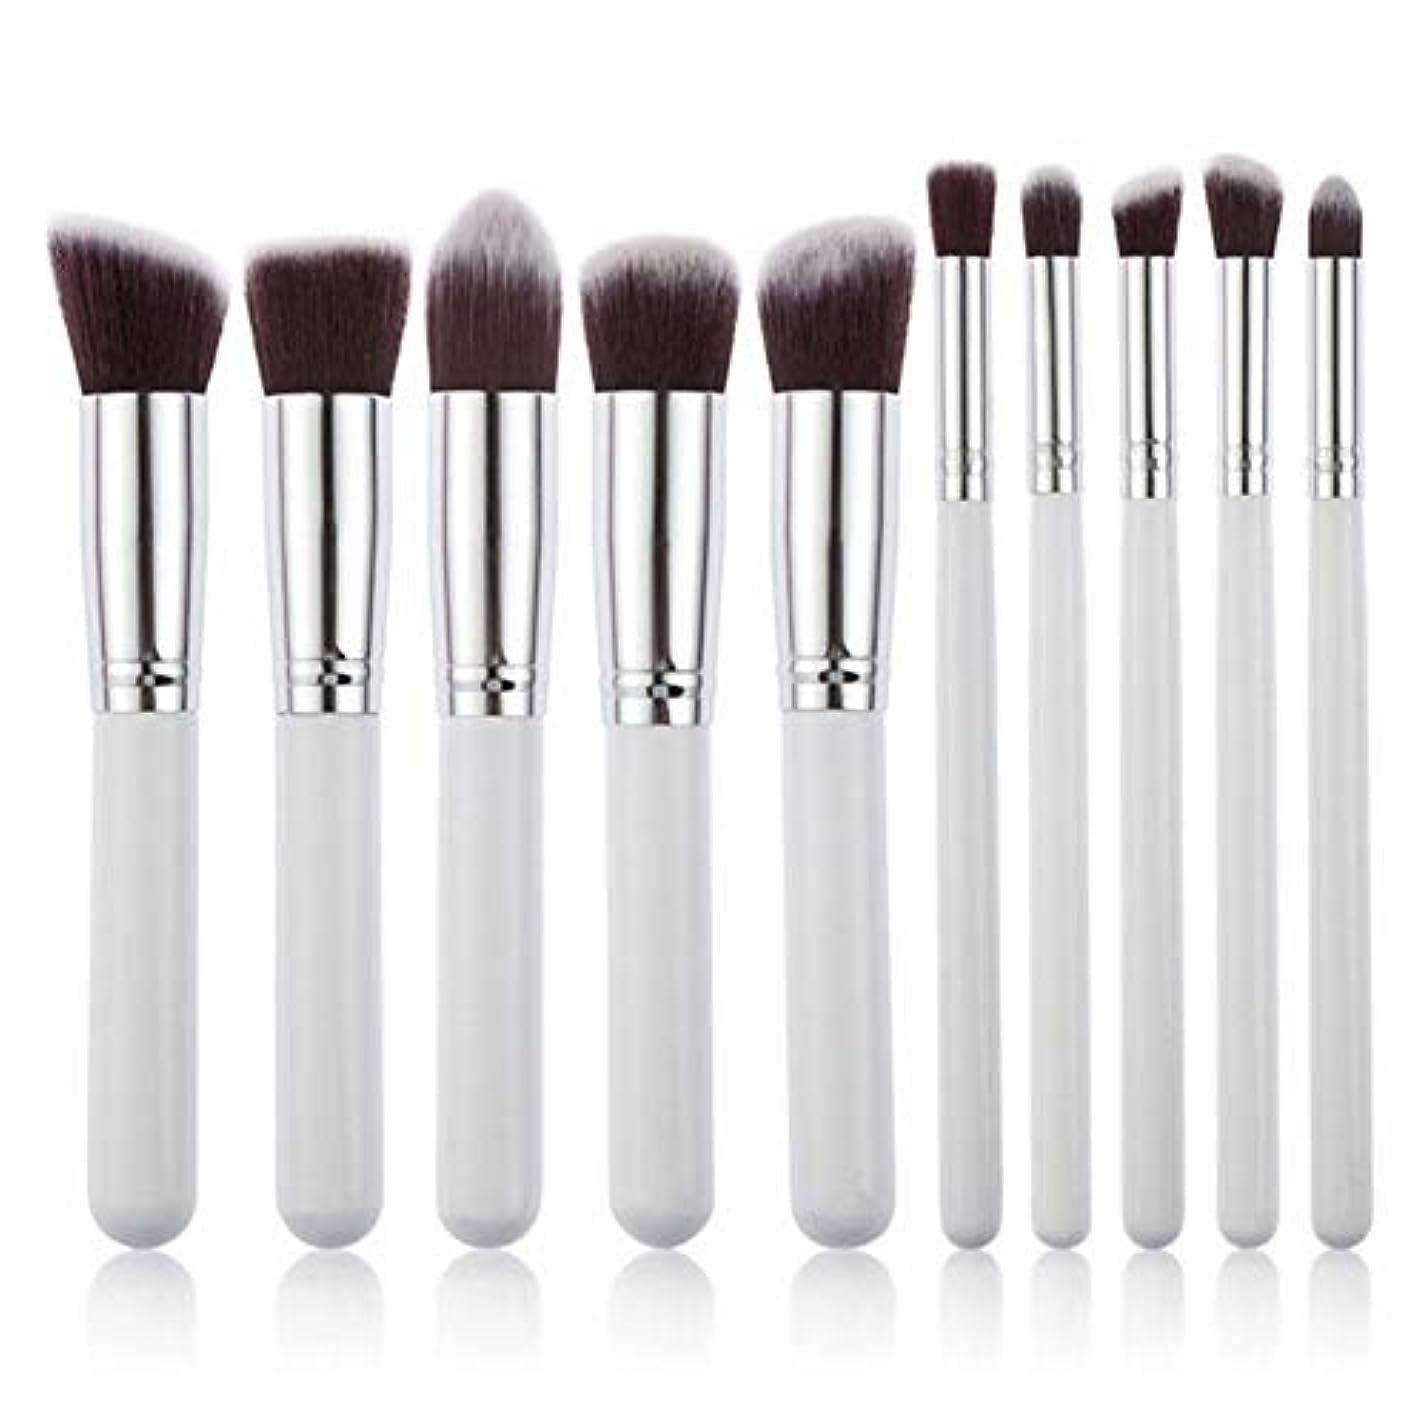 アクセシブル階下請求可能Makeup brushes 10ピースWhiteMakeupブラシセットモダンスラックパウダーブラシアイシャドウブラシコンターブラシ suits (Color : White Silver)